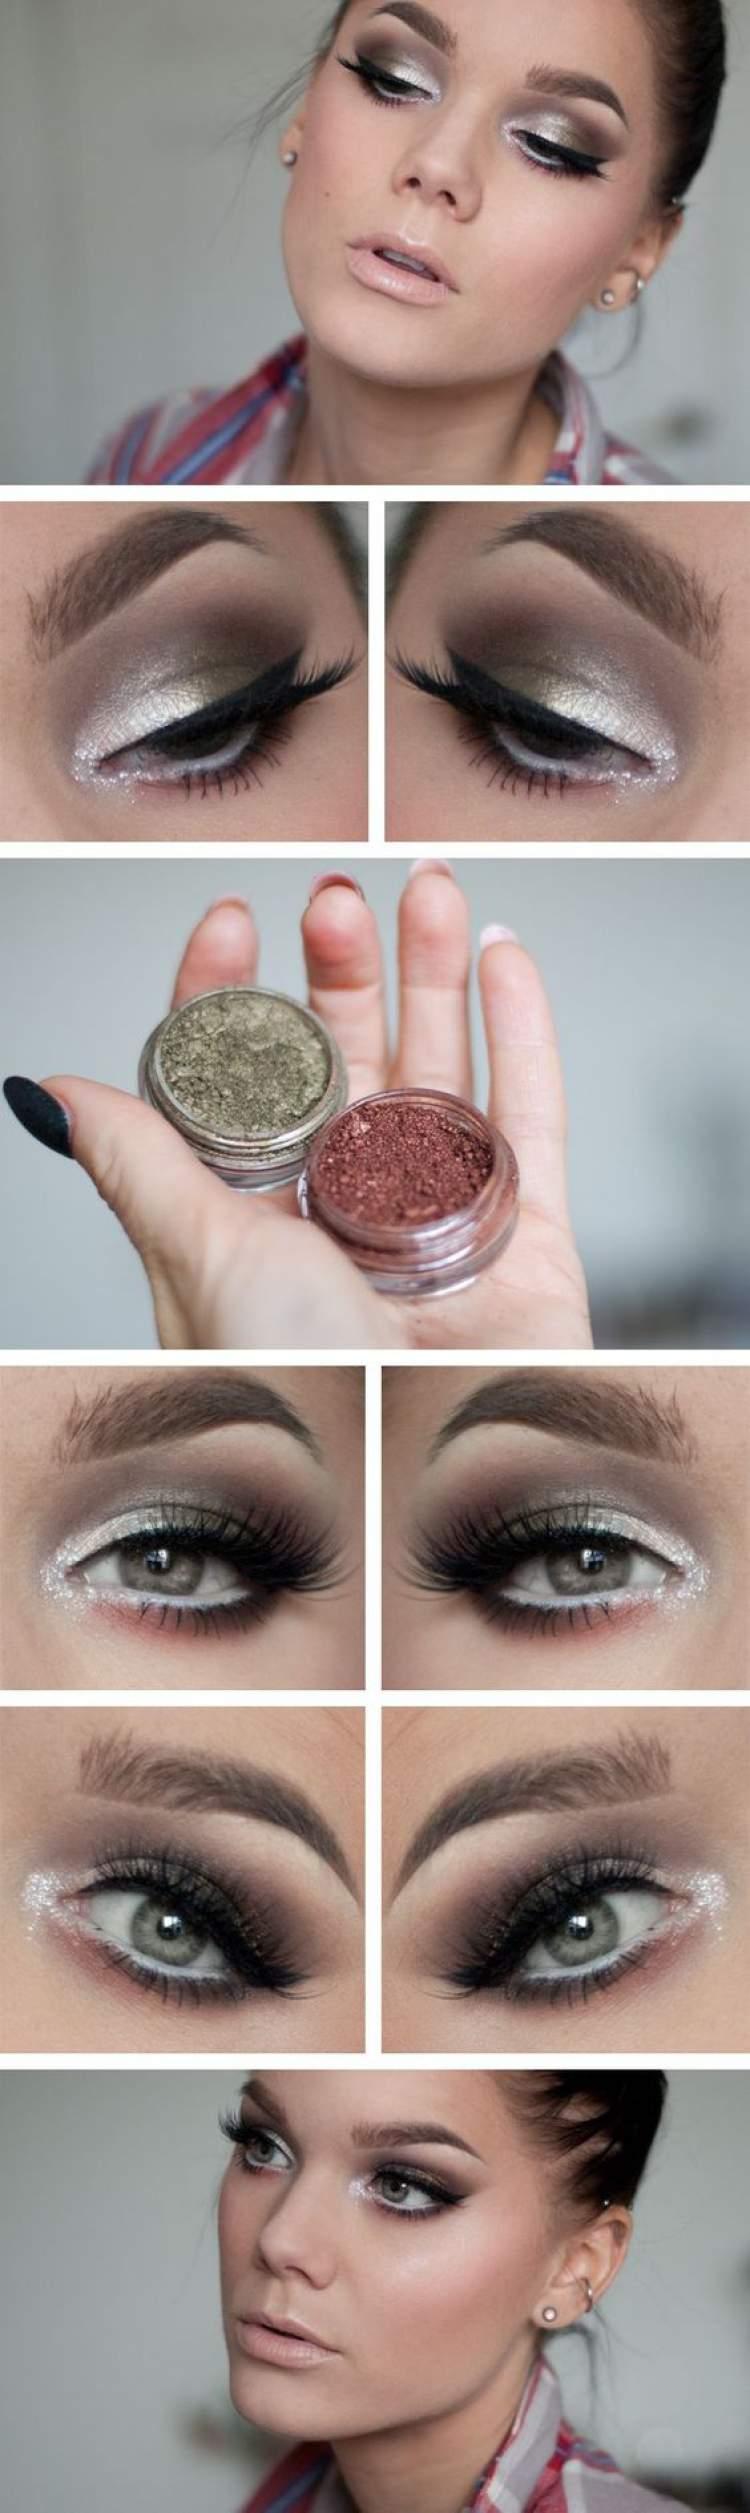 Inspiração de maquiagem para quem tem olhos pequenos